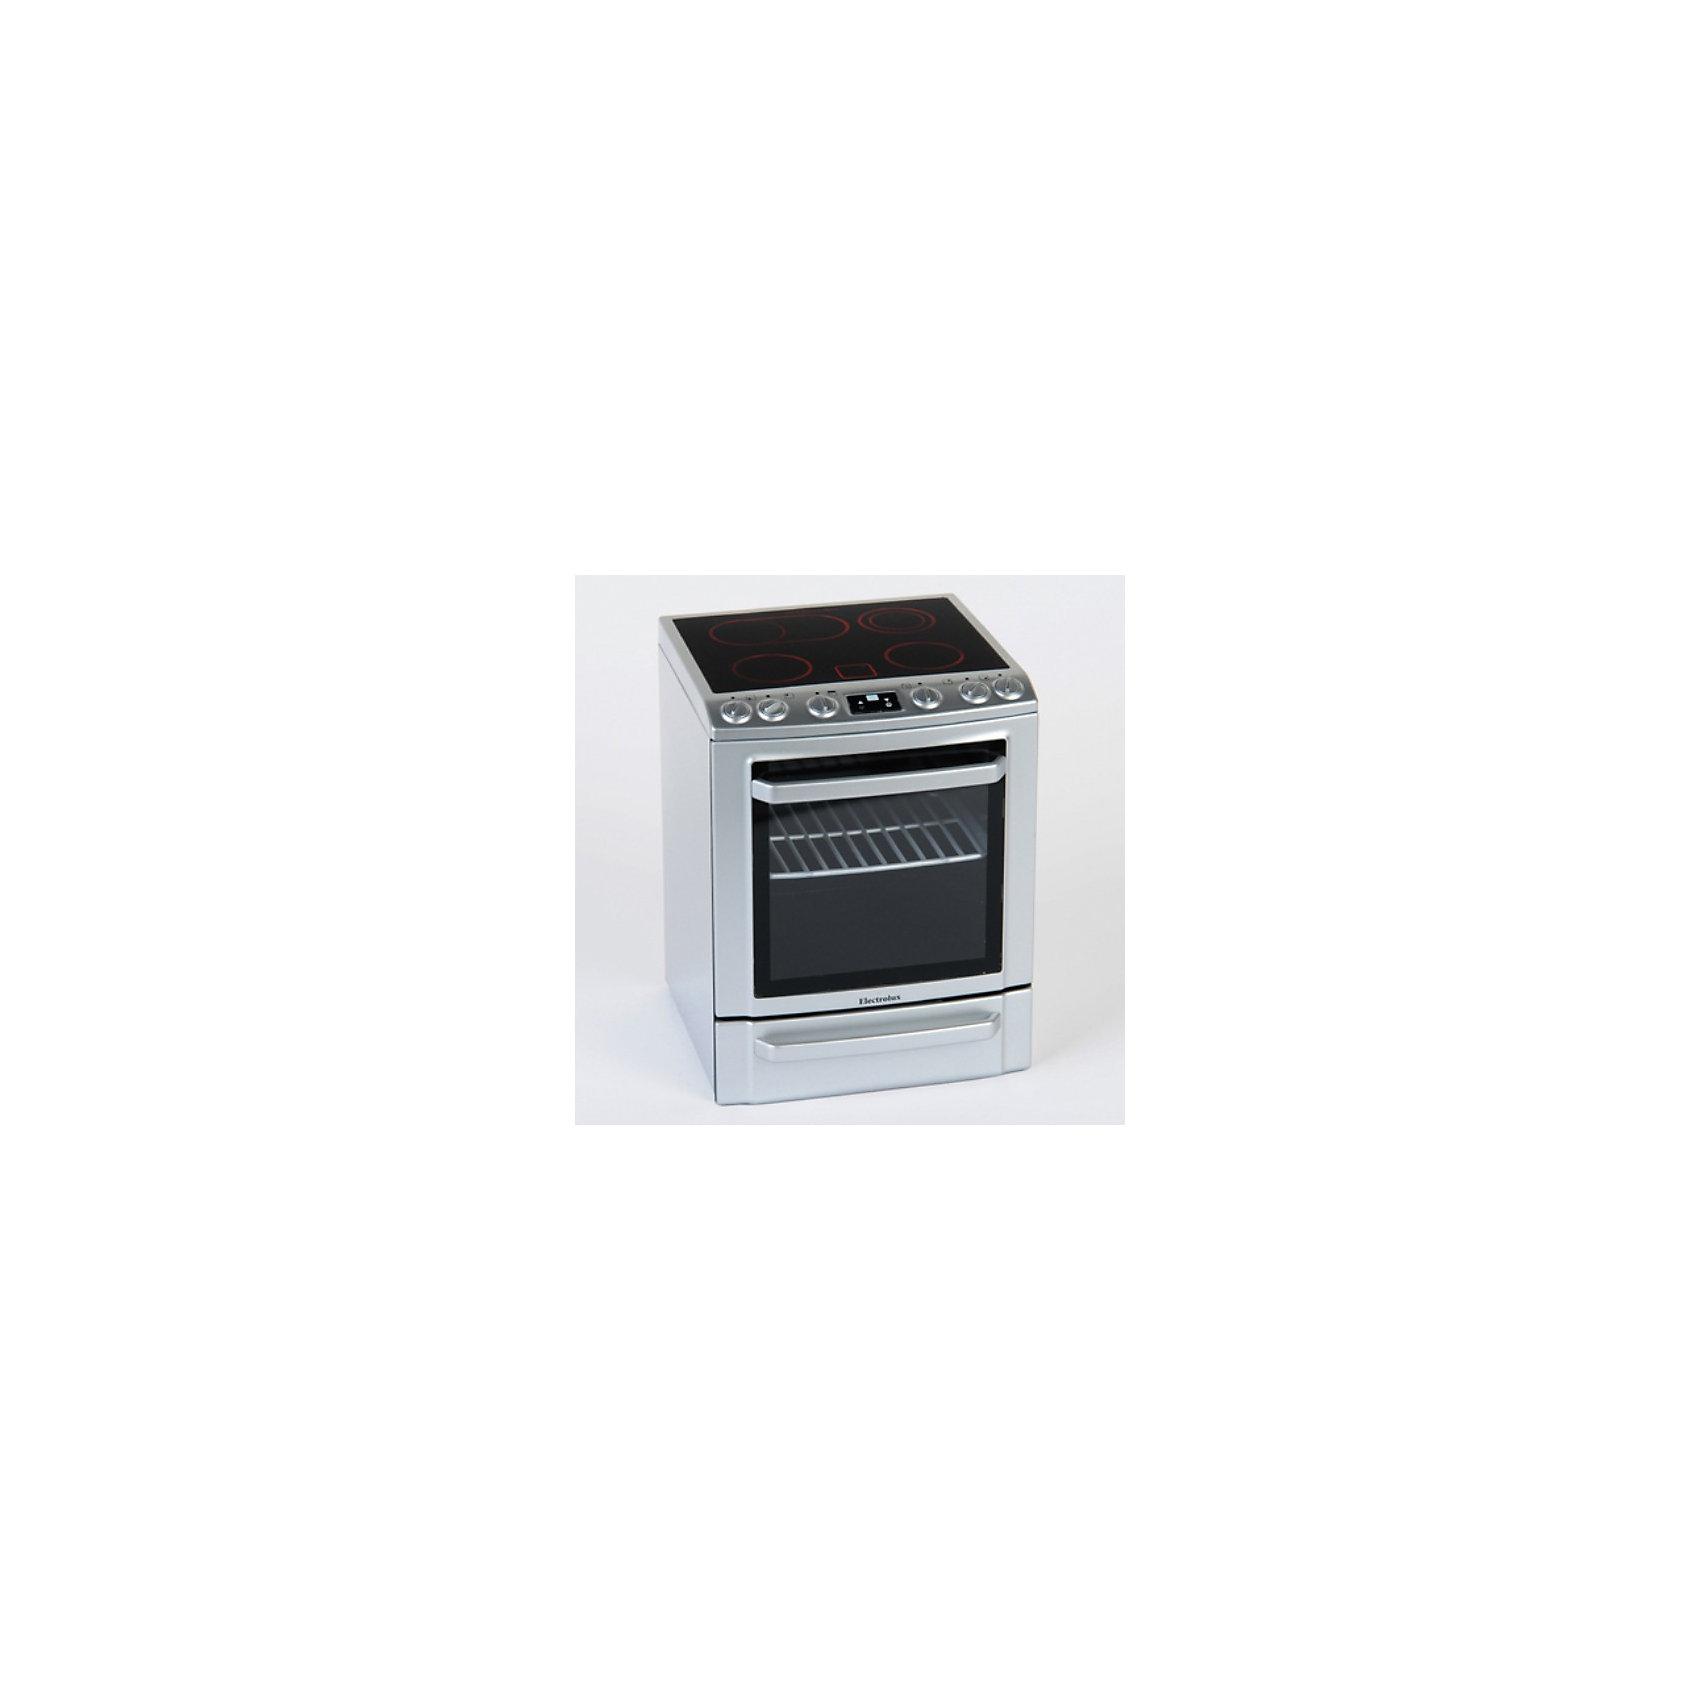 klein Плита со звуком и подсветкой Electrolux, Klein klein игрушка тостер electrolux klein